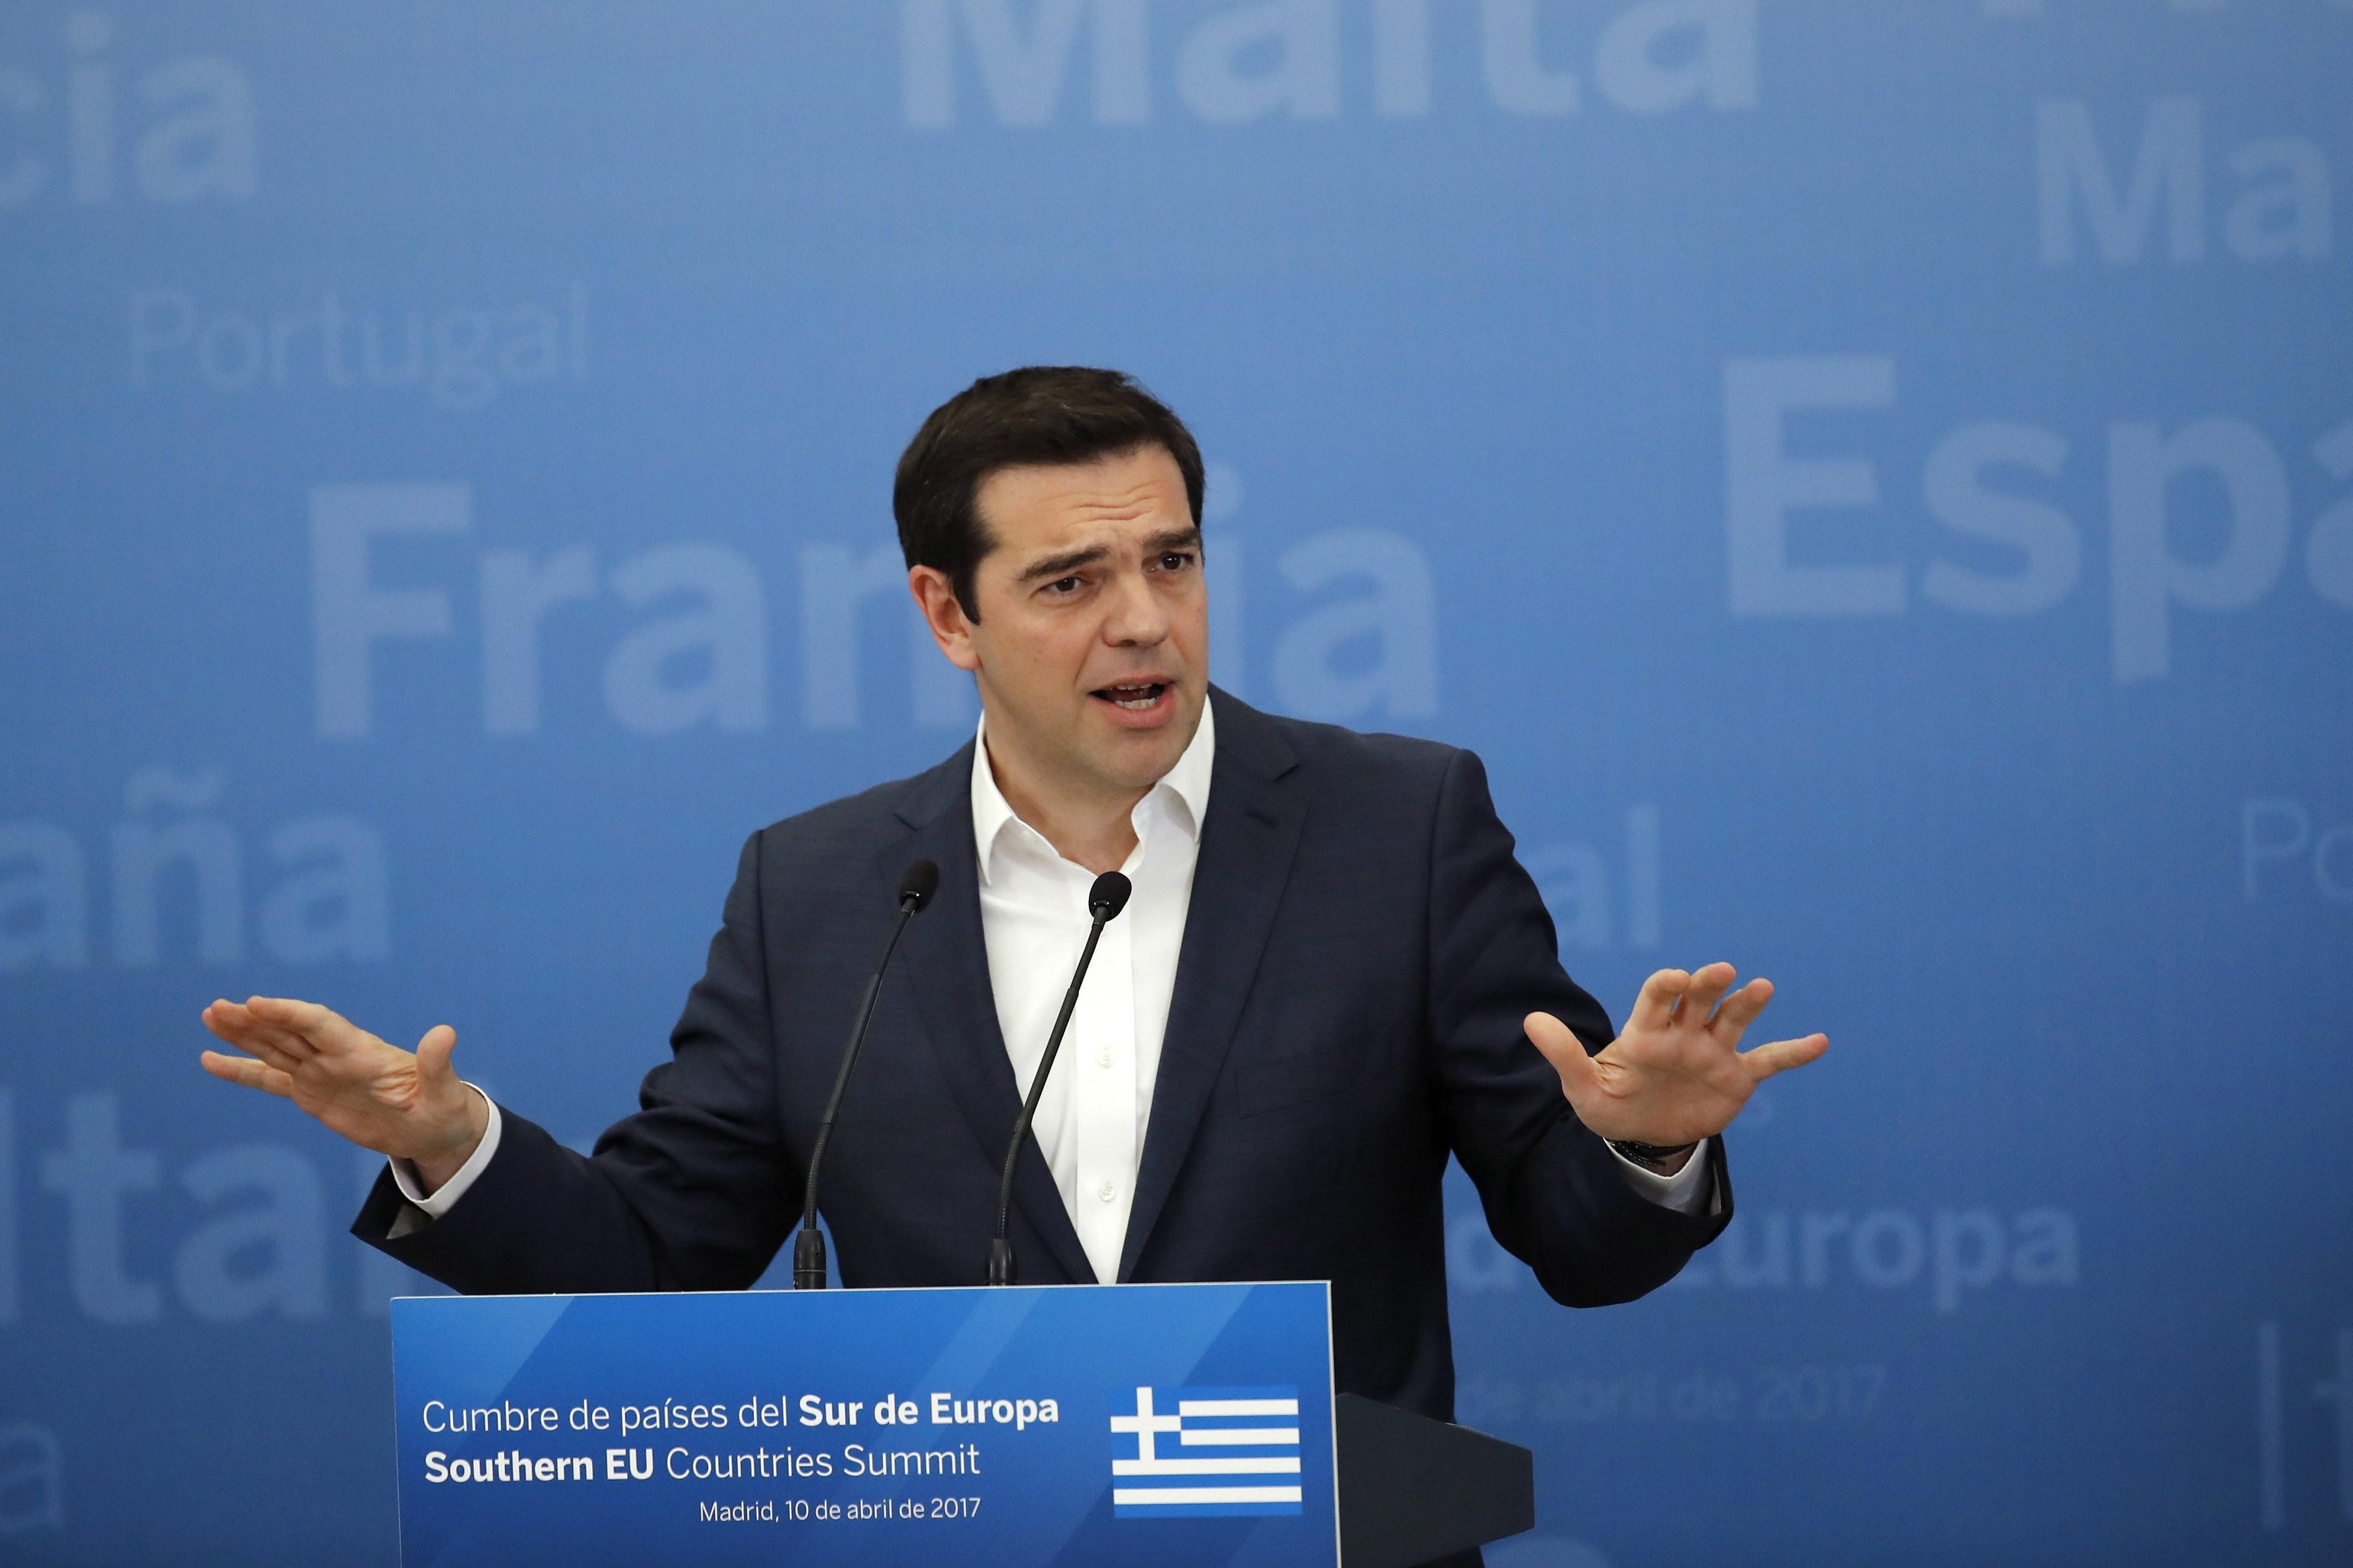 Grécia só aplica novas medidas de austeridade após solução para dívida